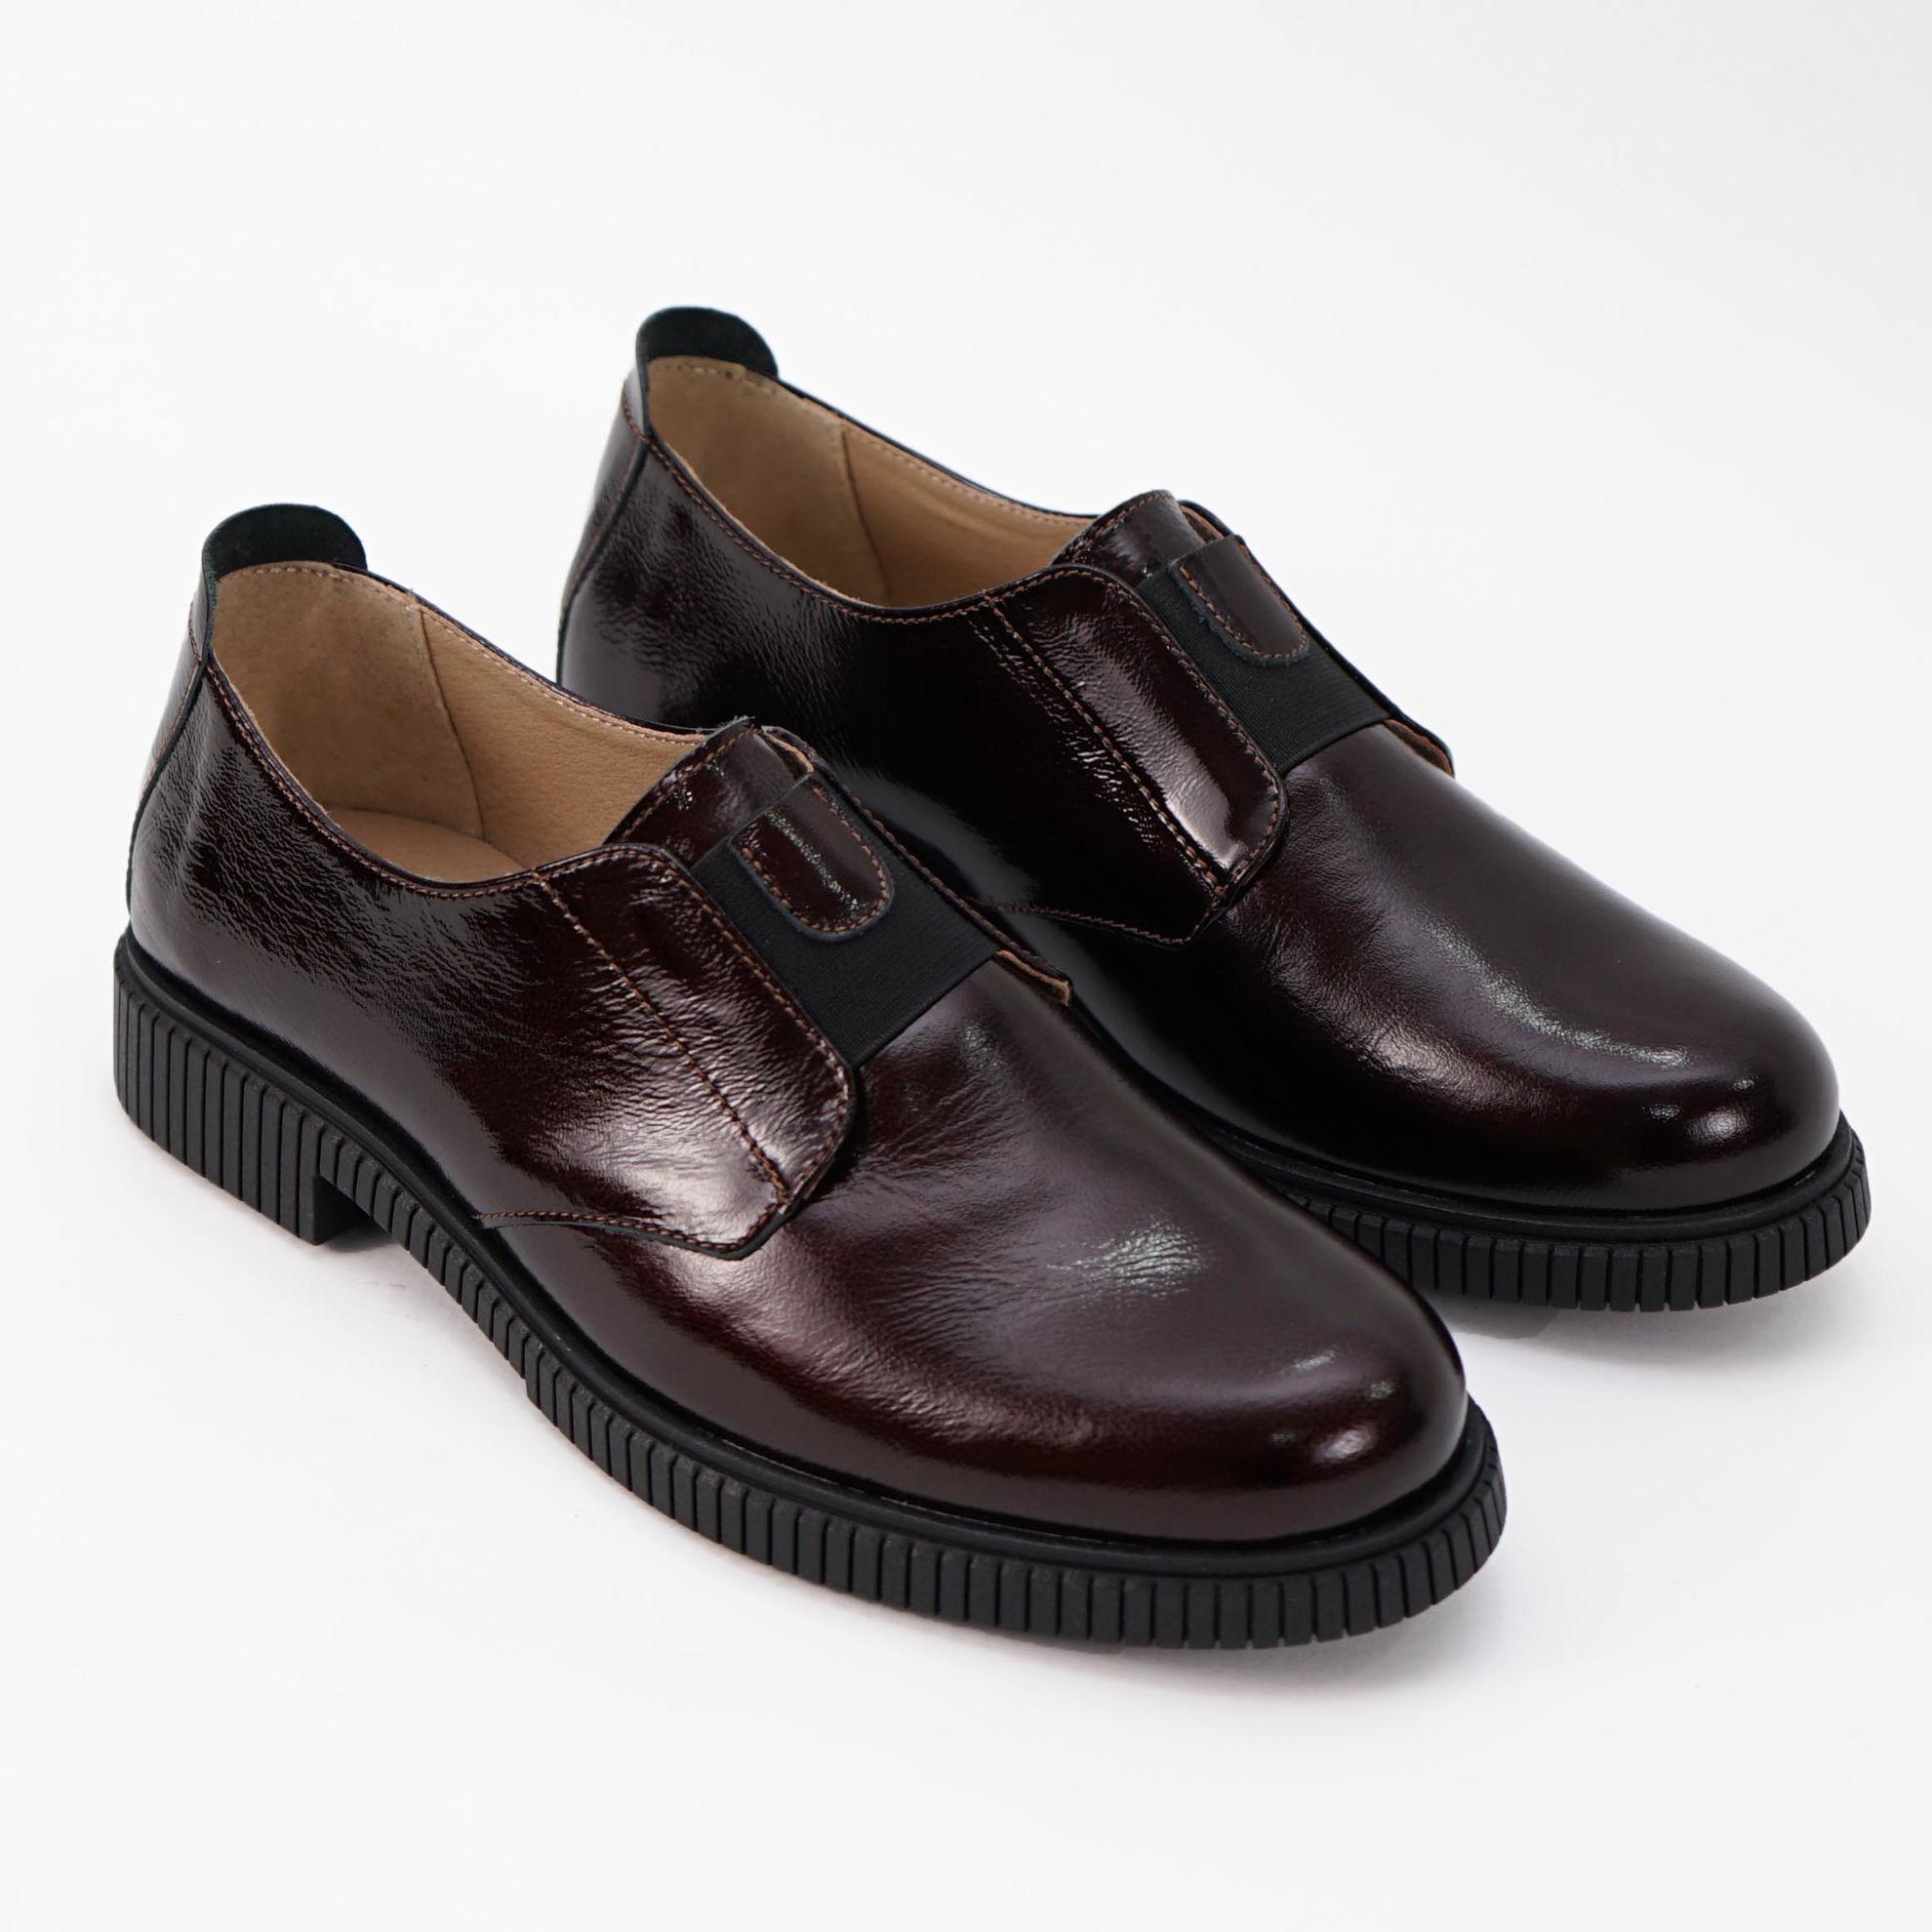 Imagine Pantofi damă piele naturală 208 lac maro